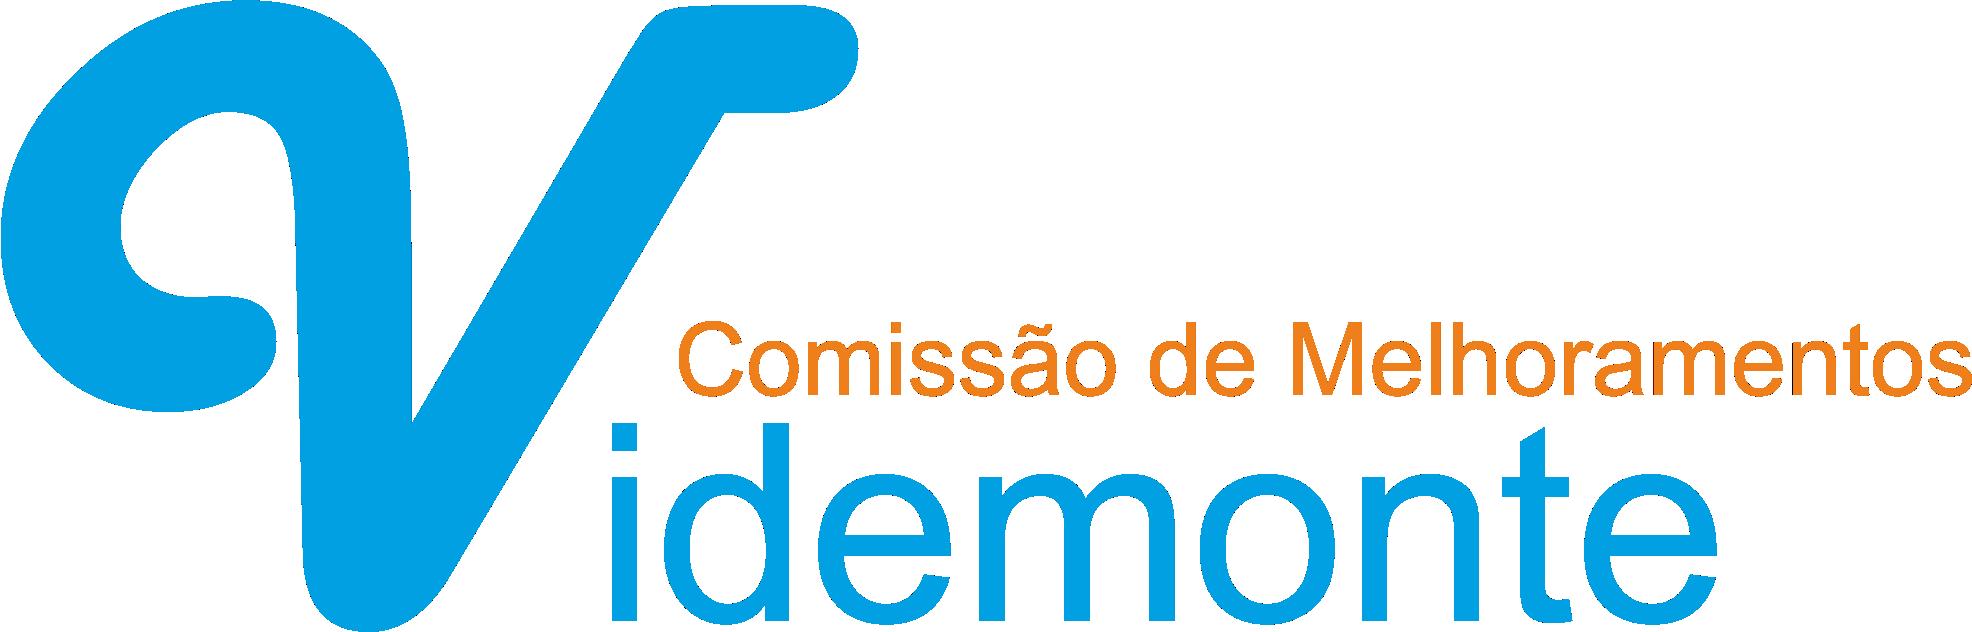 Comissão de Melhoramentos de Videmonte